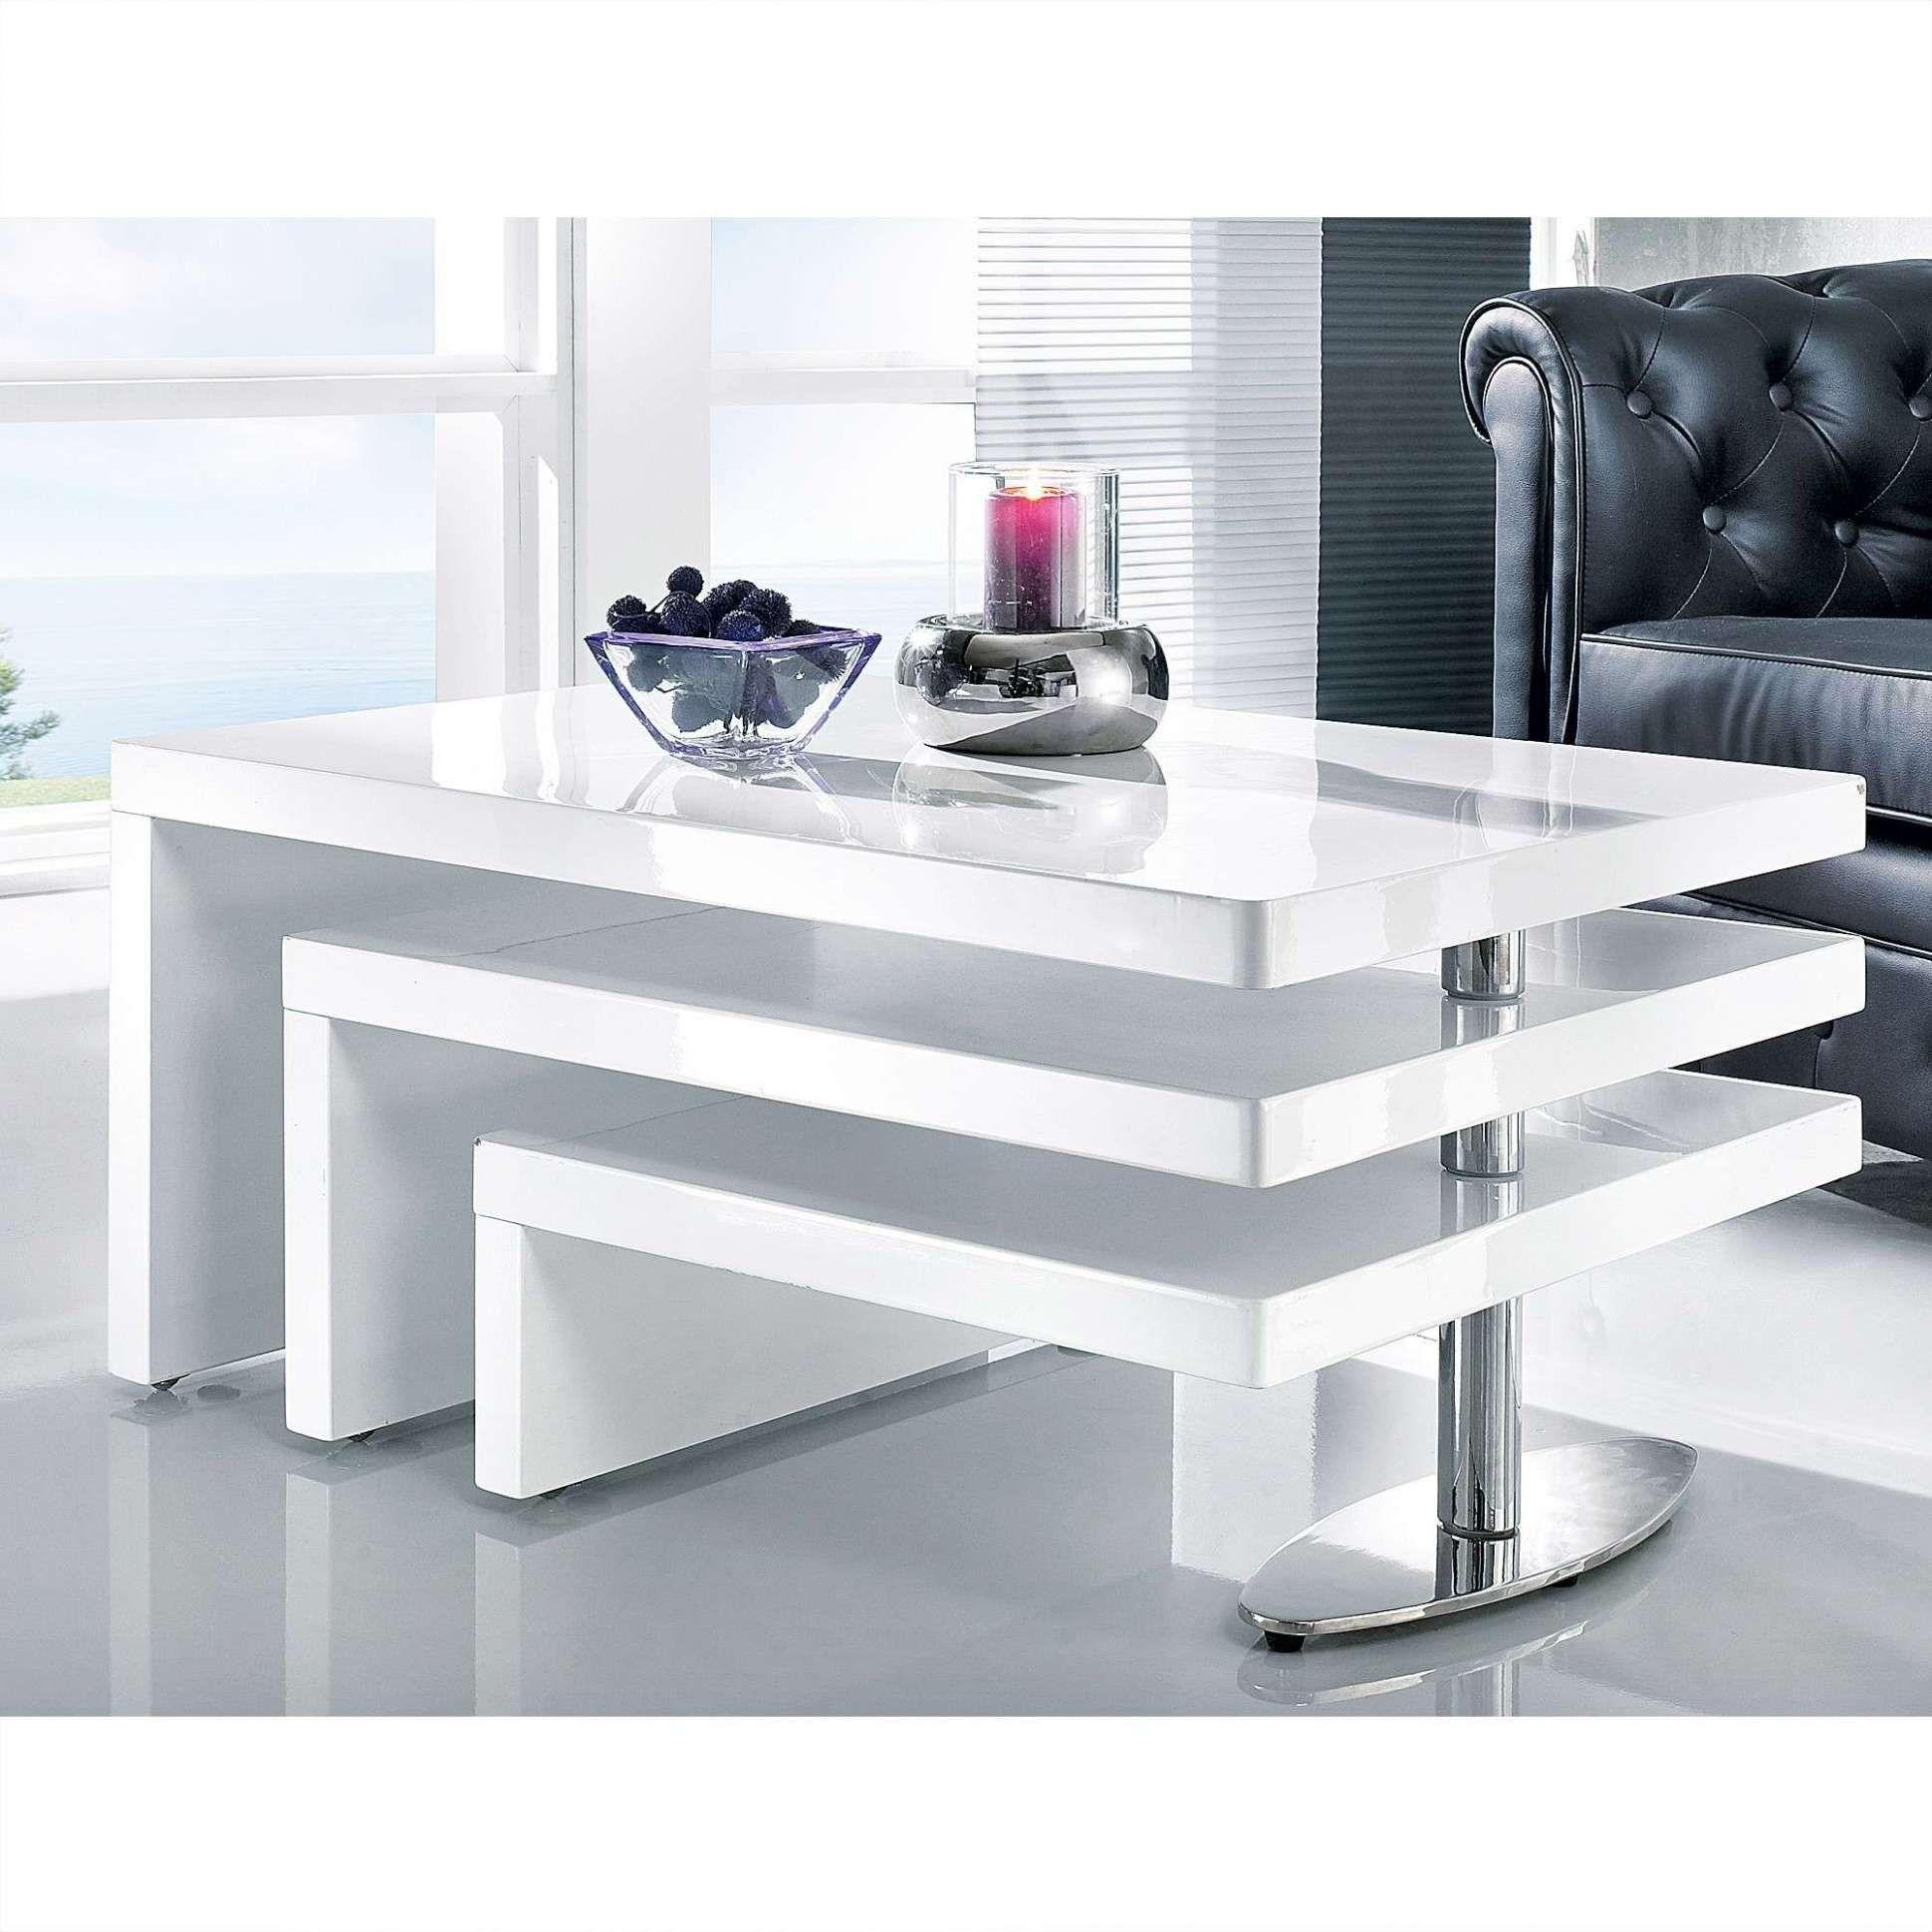 Barhocker Weiss Leder Couchtisch Holz Hohenverstellbar Yct Projekte Couchtisch Design Couchtisch Weiss Couchtisch Modern